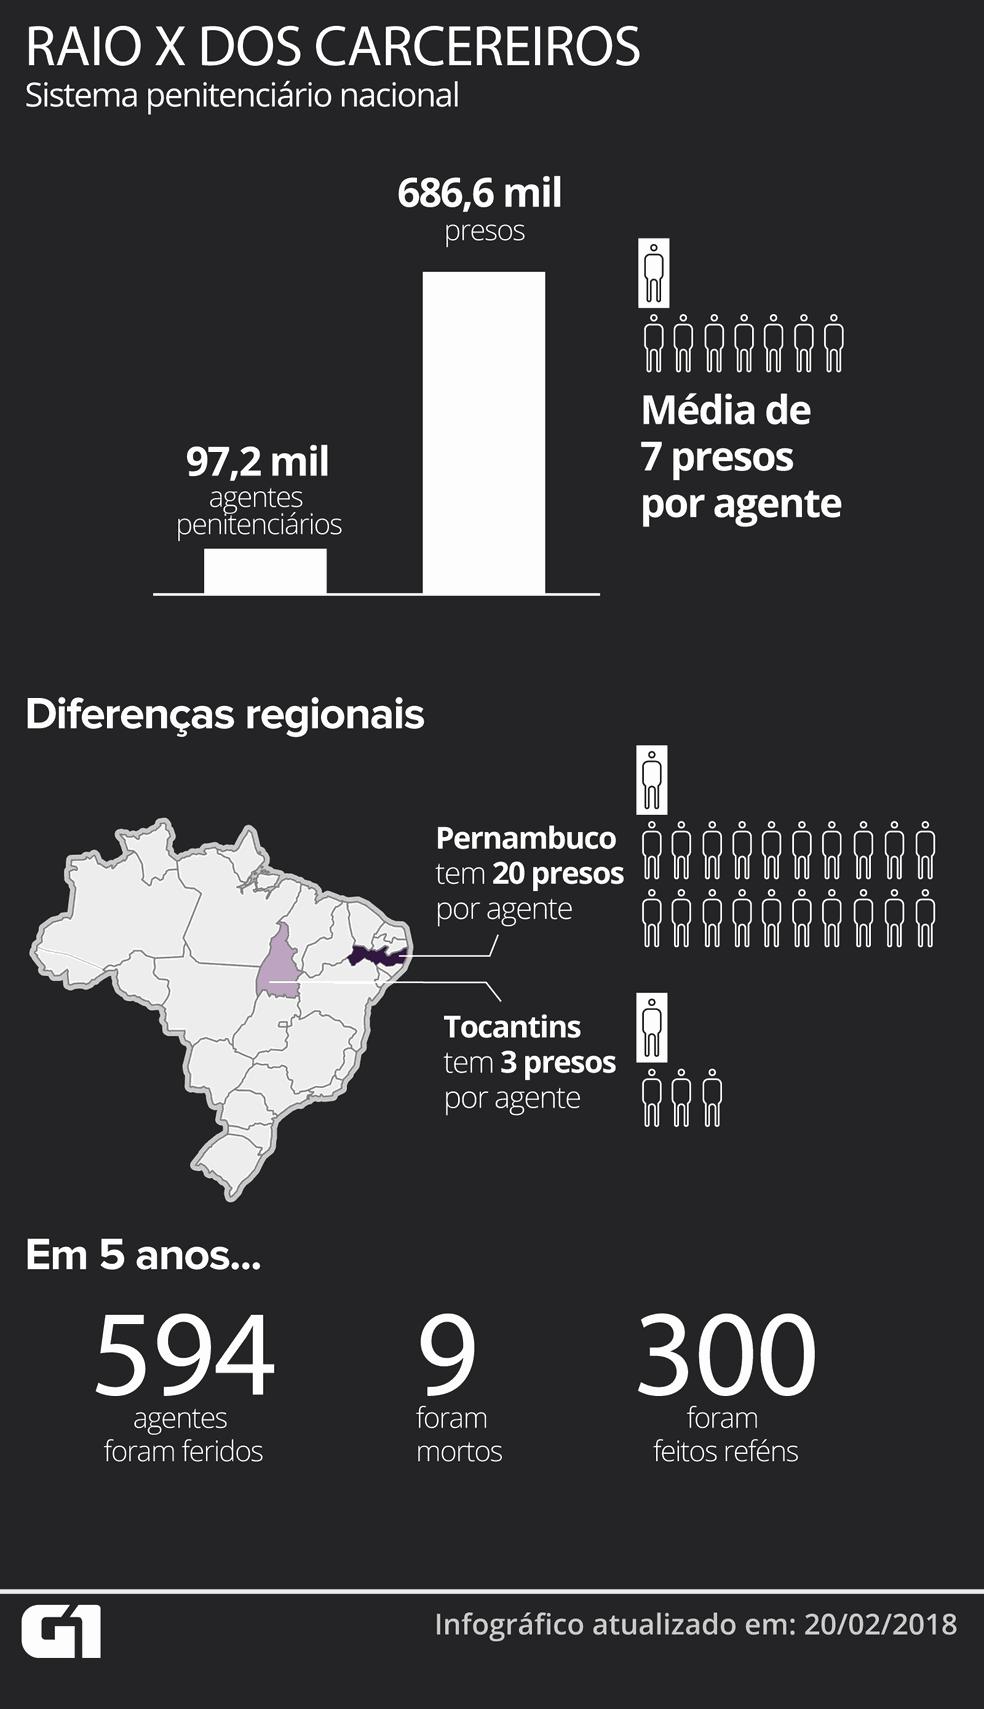 Raio X dos carcereiros: o país tem 97,2 mil agentes penitenciários para 686,6 mil presos, o que dá uma média de 7 presos para cada agente (Foto: Karina Almeida/G1)